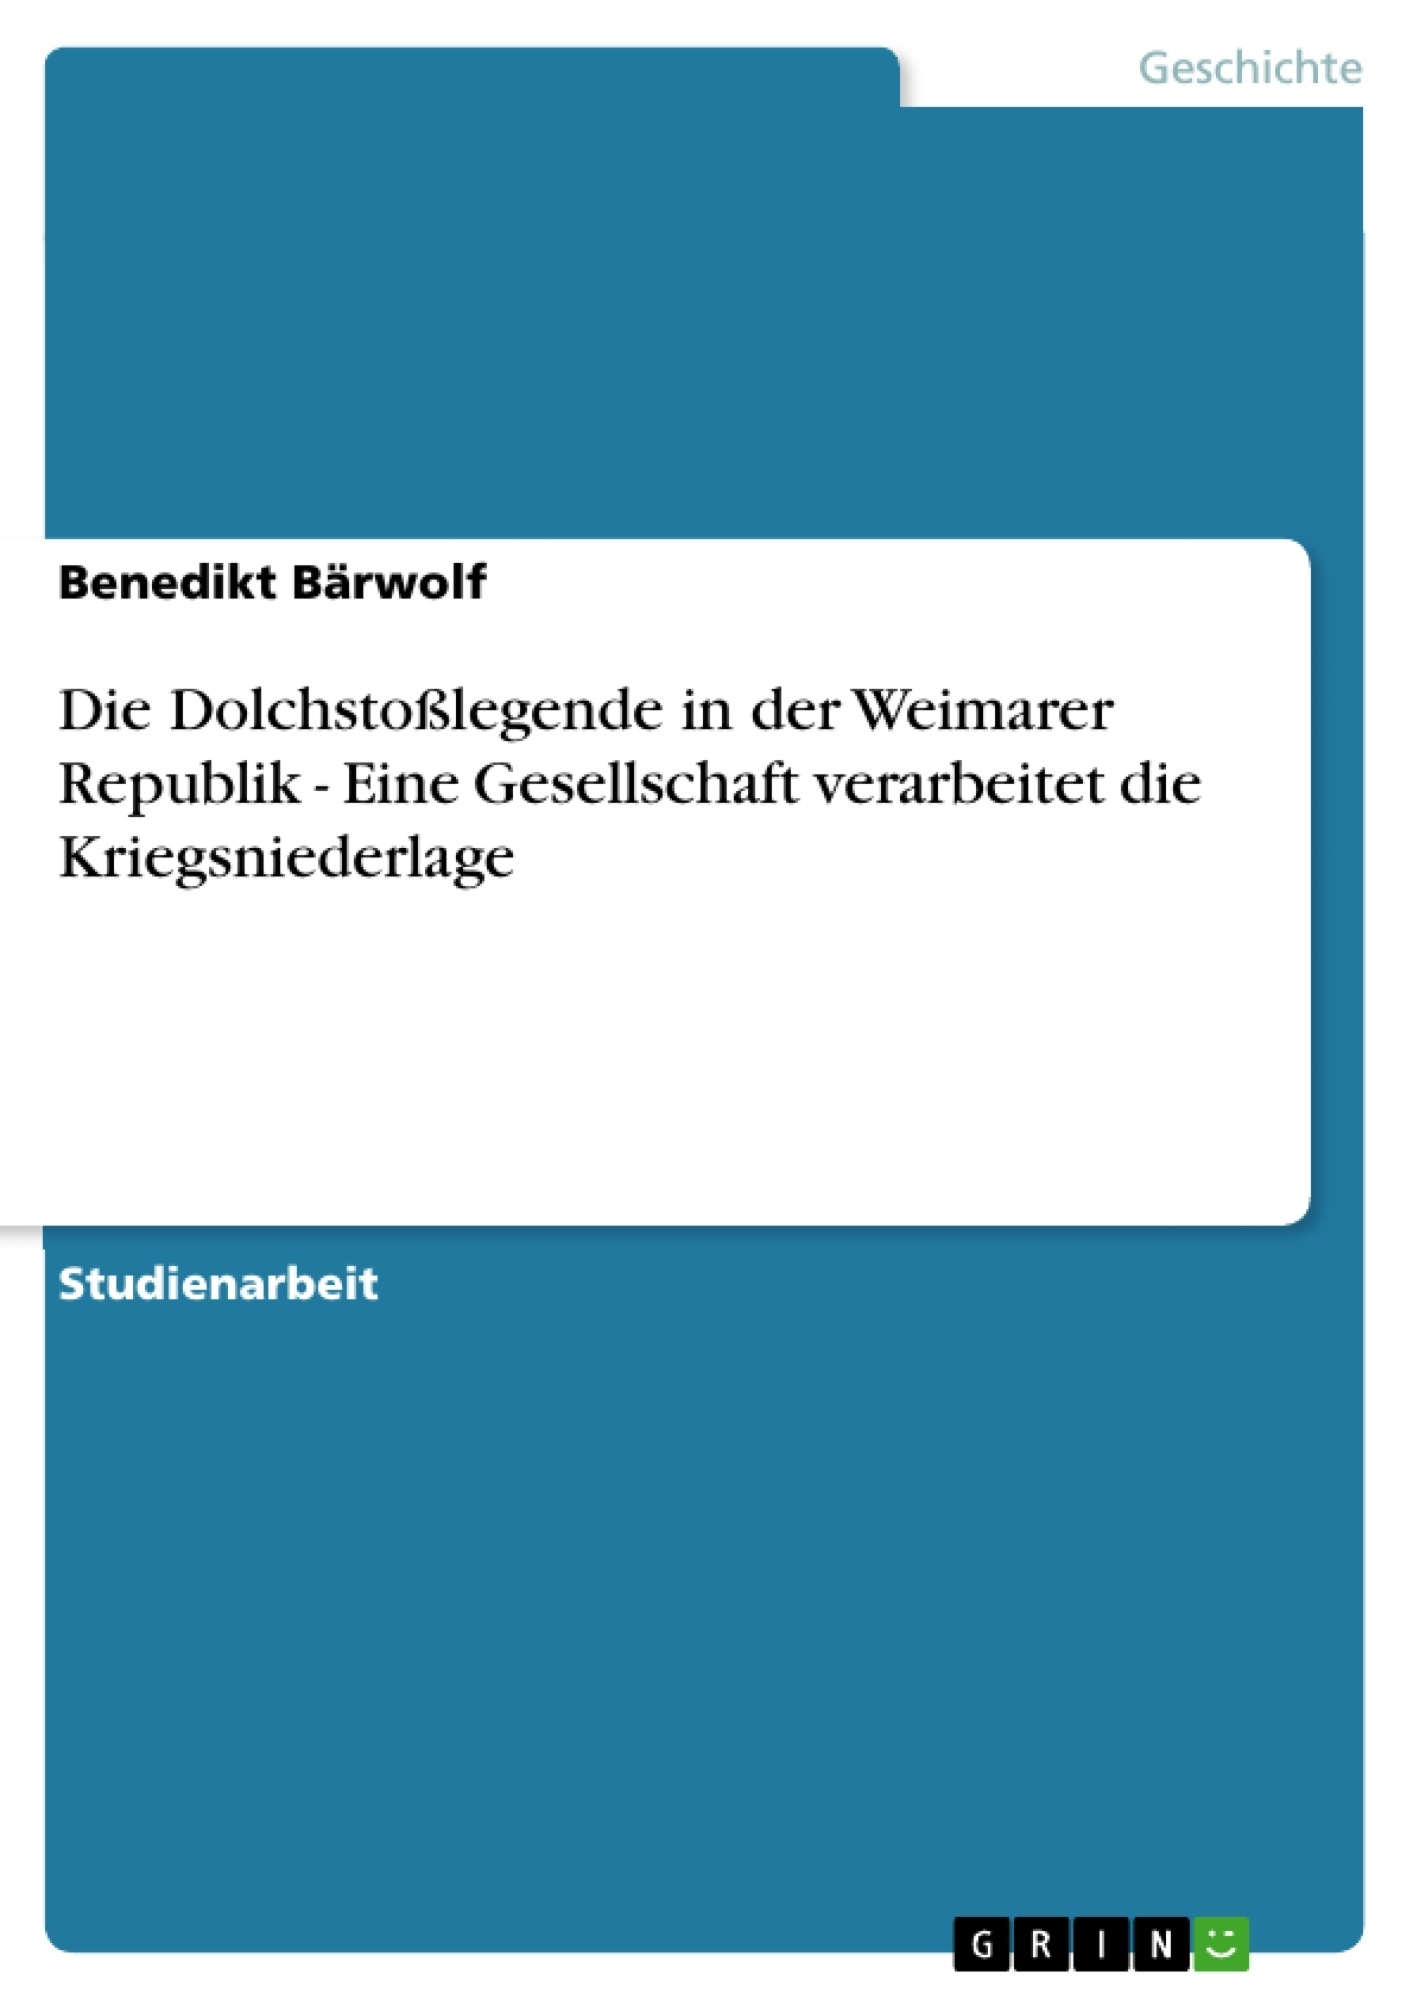 Titel: Die Dolchstoßlegende in der Weimarer Republik - Eine Gesellschaft verarbeitet die Kriegsniederlage